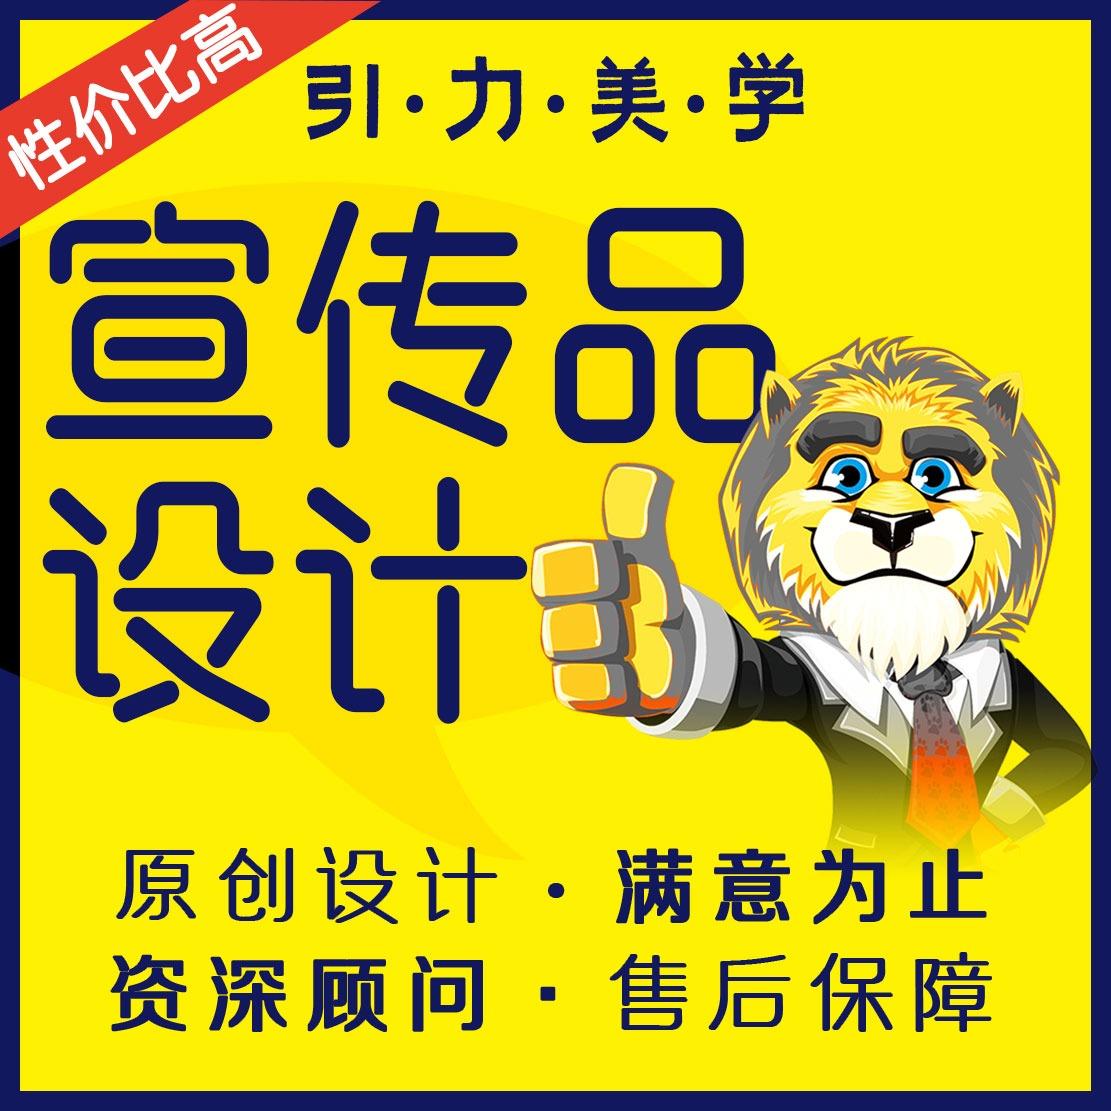 引力海报设计易拉宝展架活动海报折页设计淘宝天猫详情宣传单设计